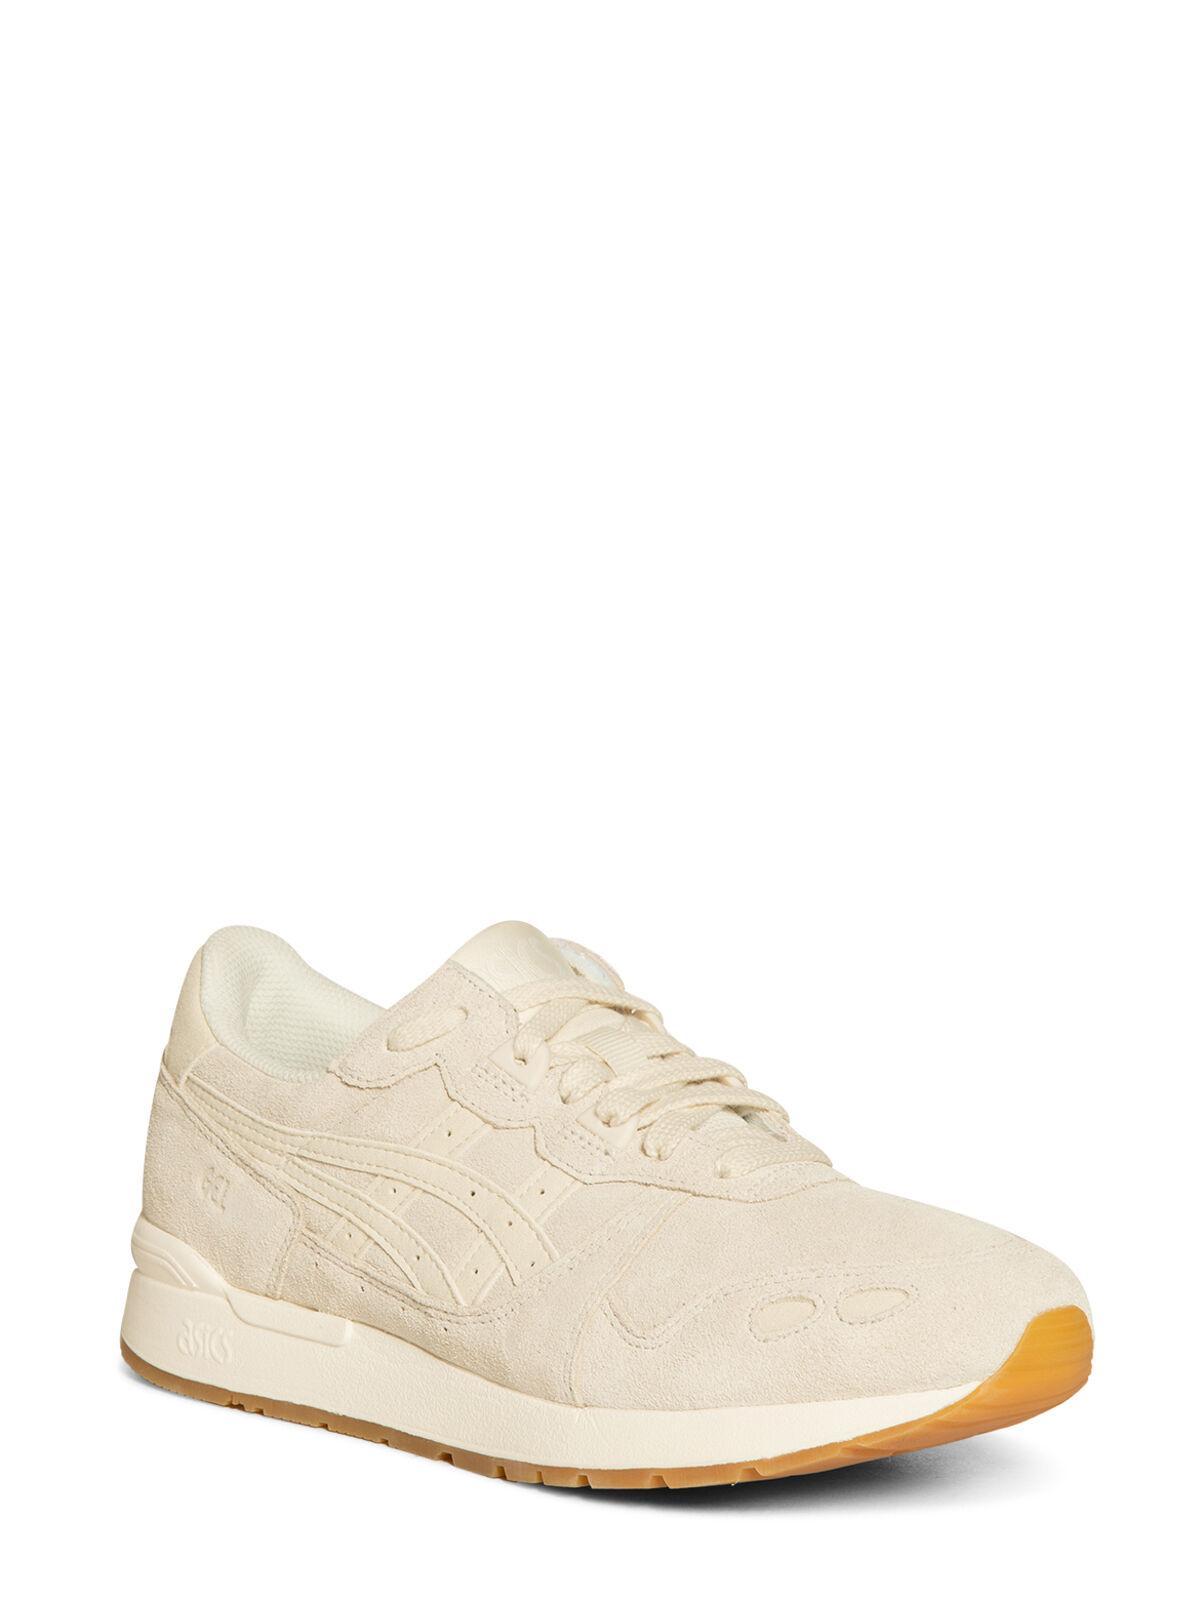 Asics Sneaker Gel Lyte beige | Dress